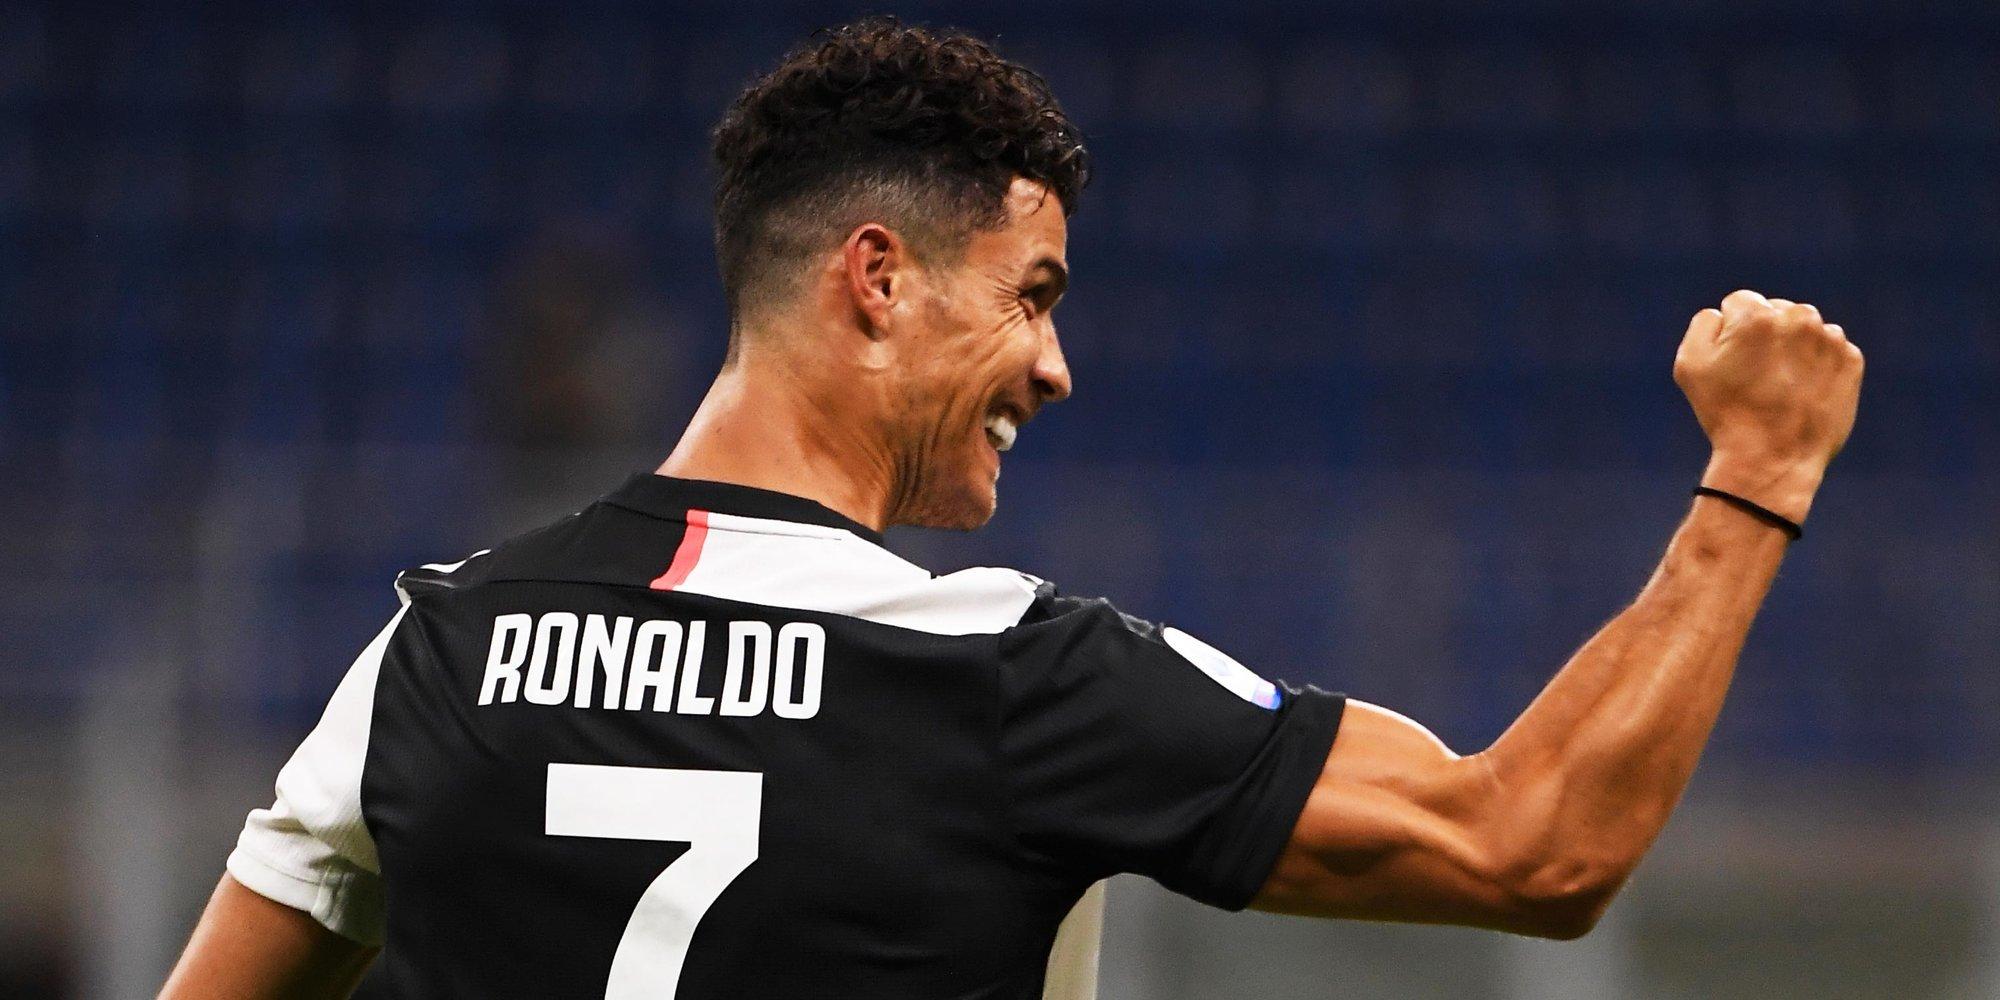 Игрок «Ювентуса» сообщил, что в клубе запрещают на тренировках идти в стыки с Роналду